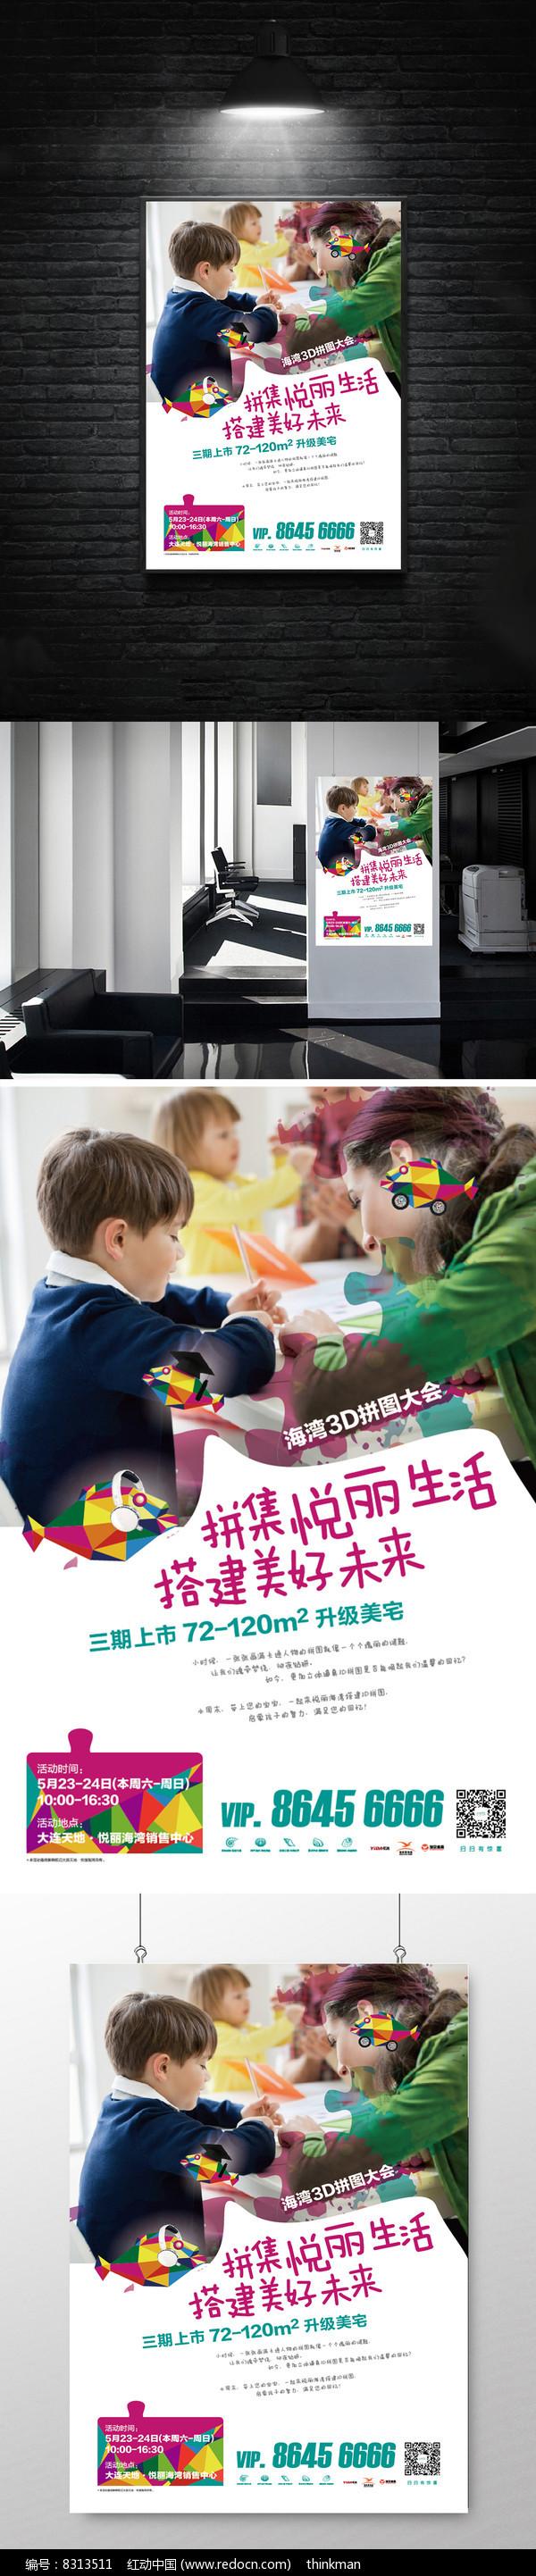 拼图亲子活动海报图片